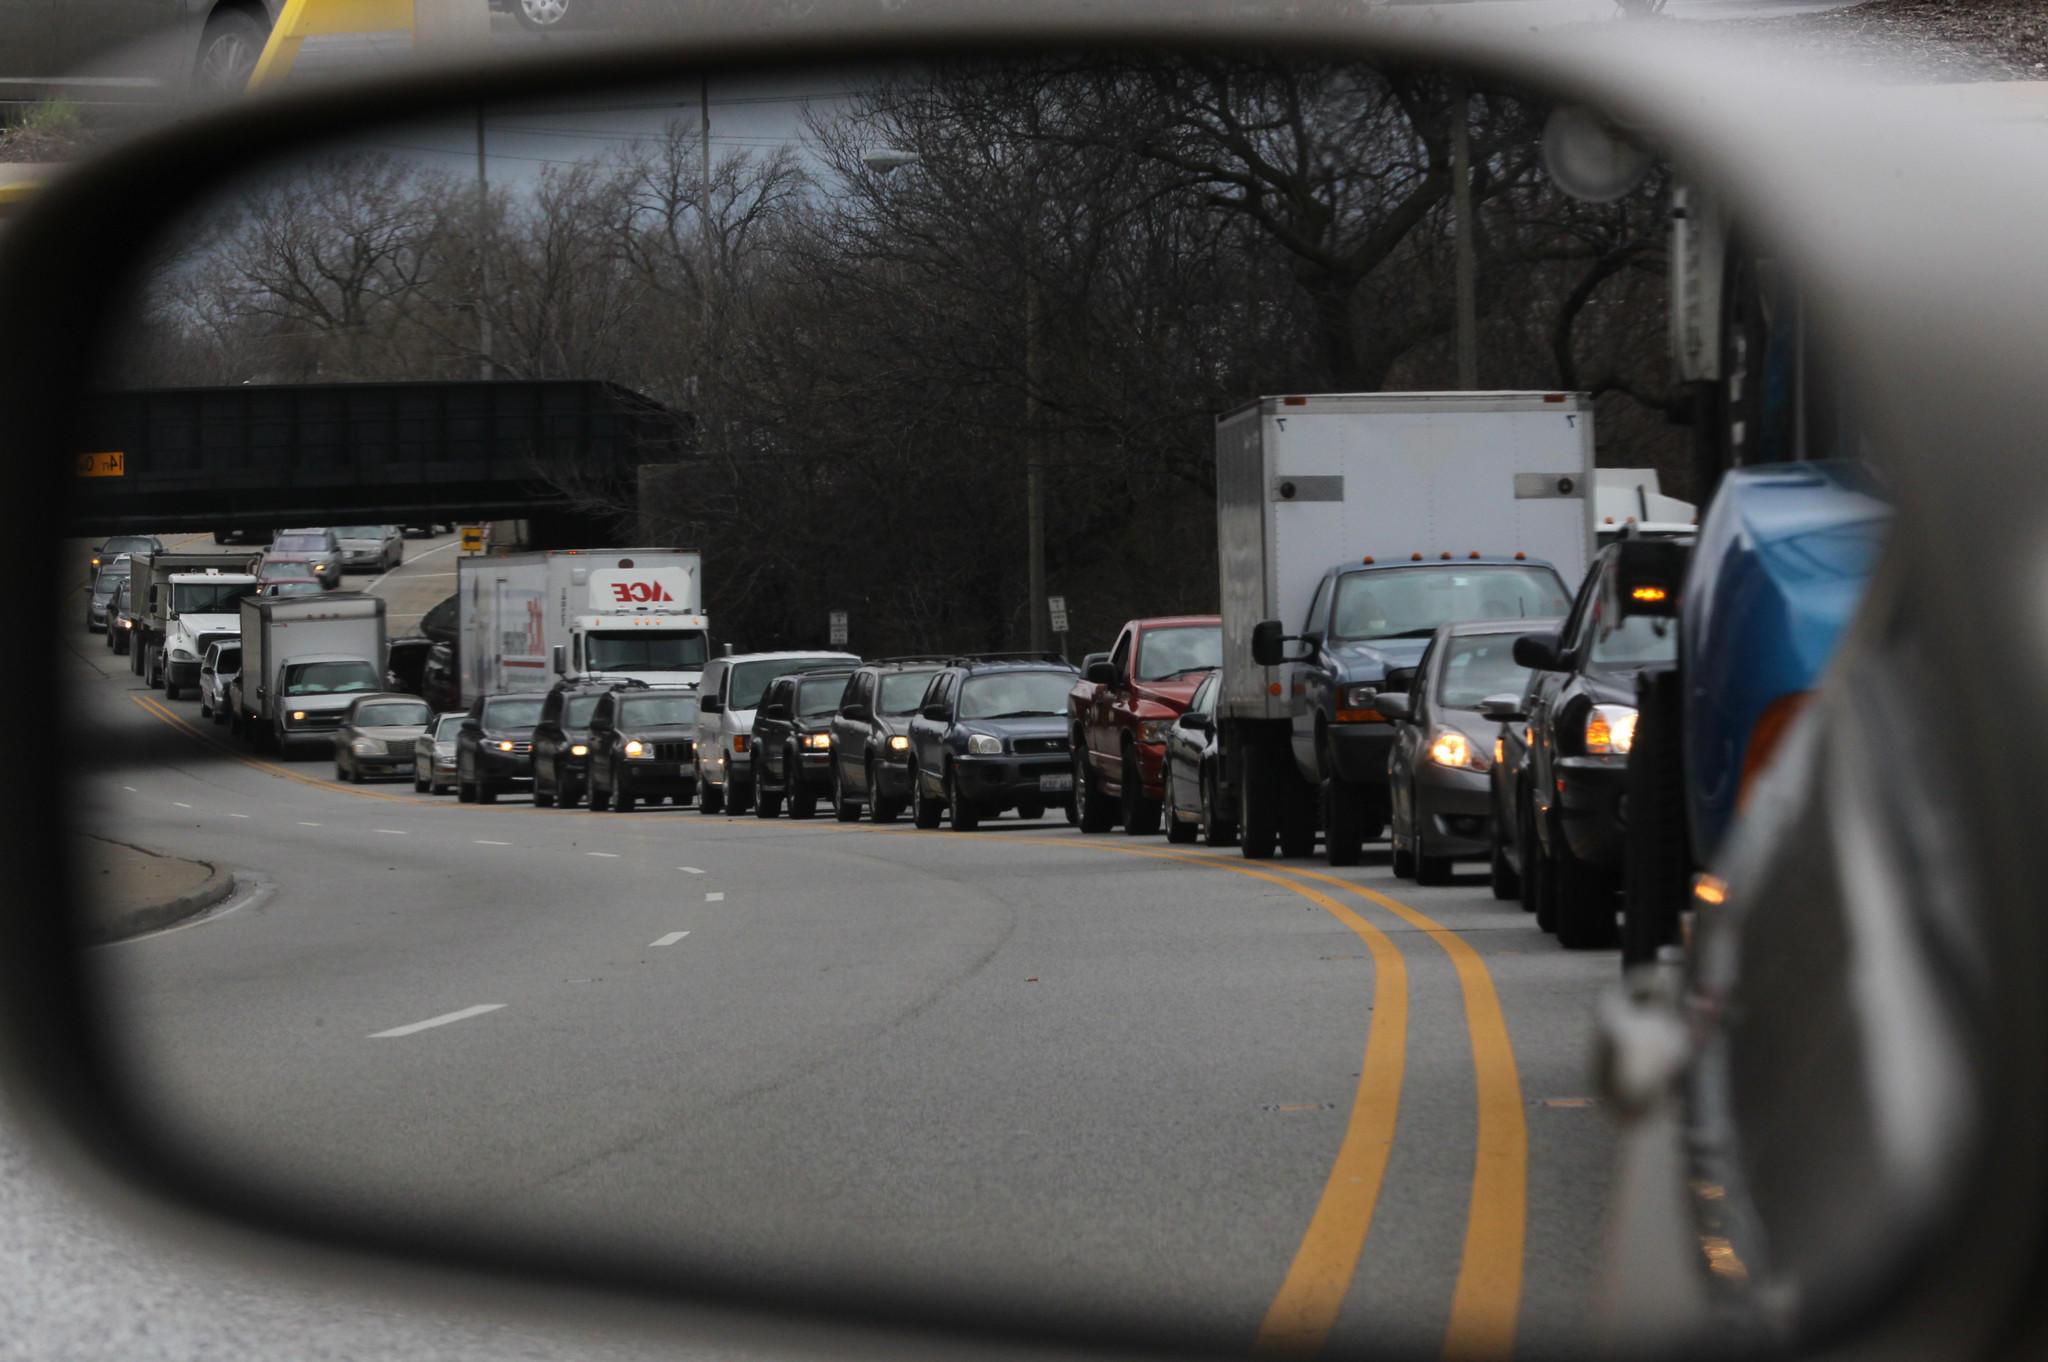 Traffic backs up on Ogden just east of La Grange Ave.